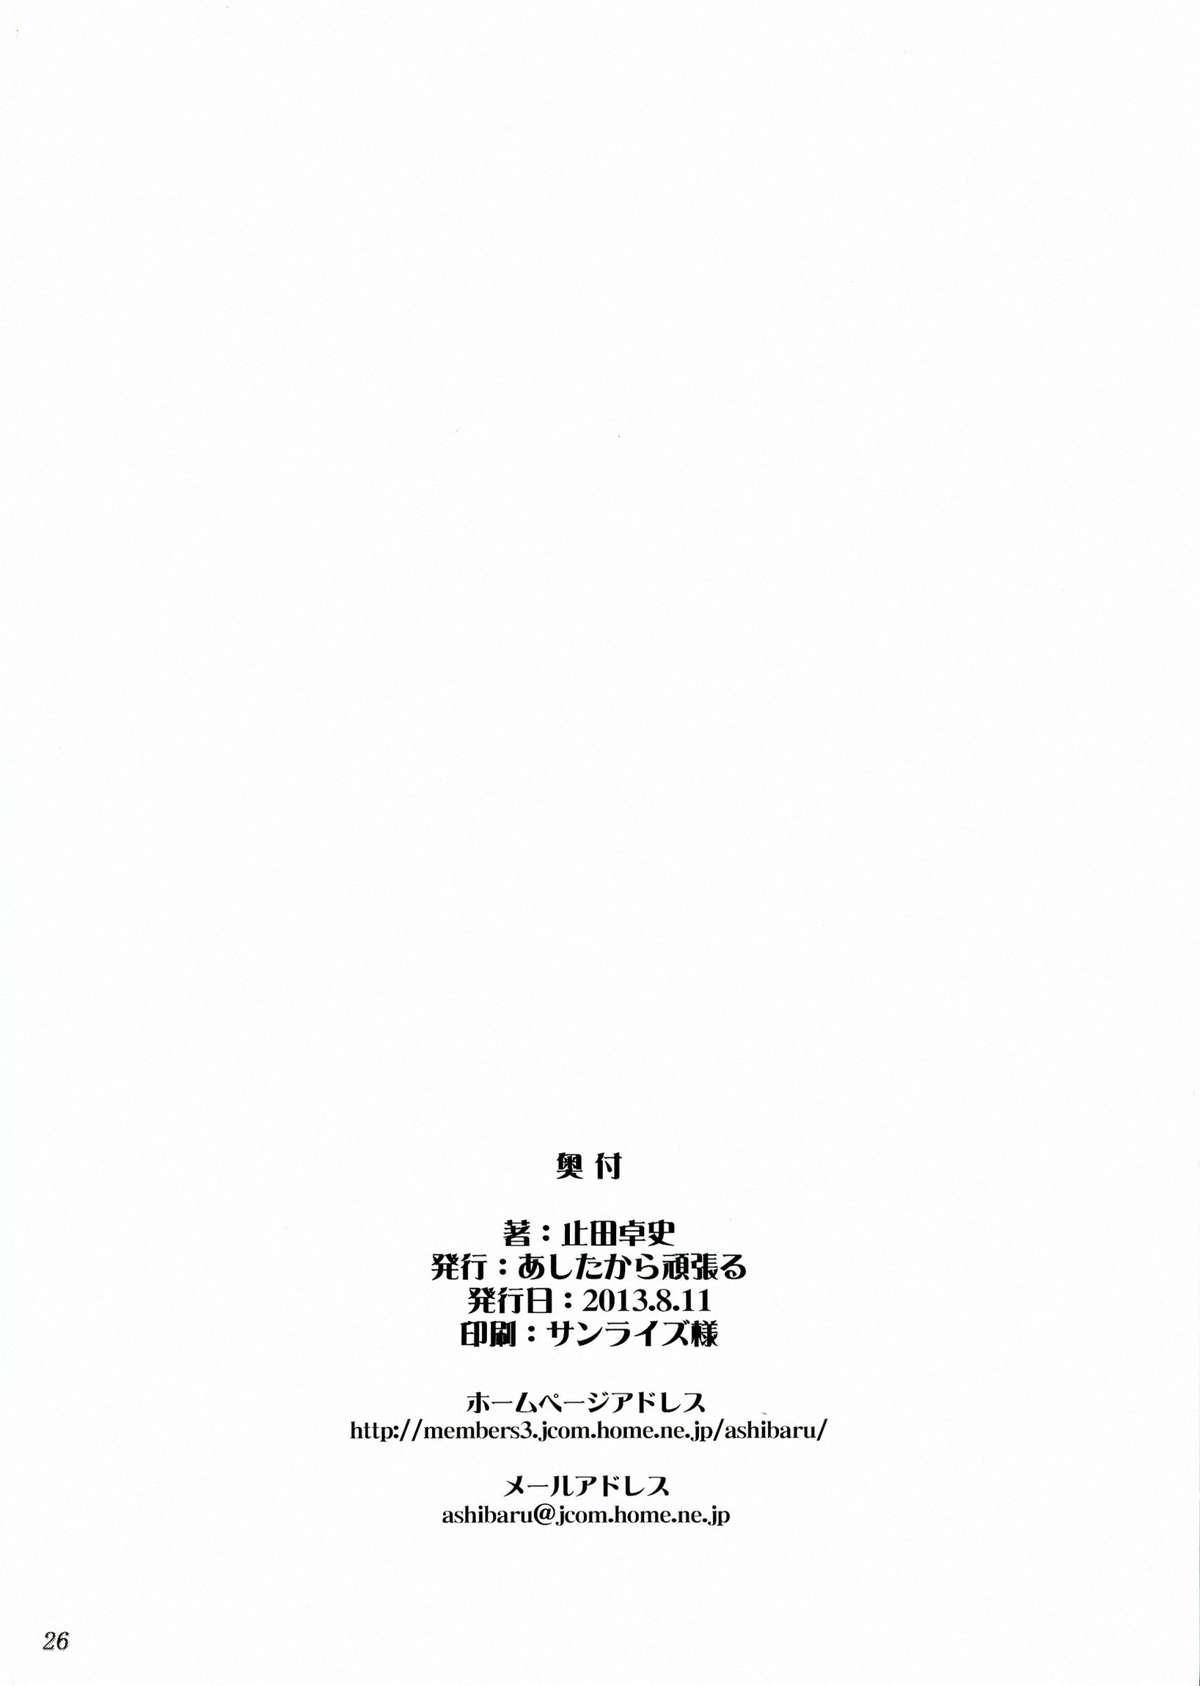 Makopi- ni Haeteta Chinpo wa Rikka ni Ijime rareru to Nando demo Shasei shichau no 25